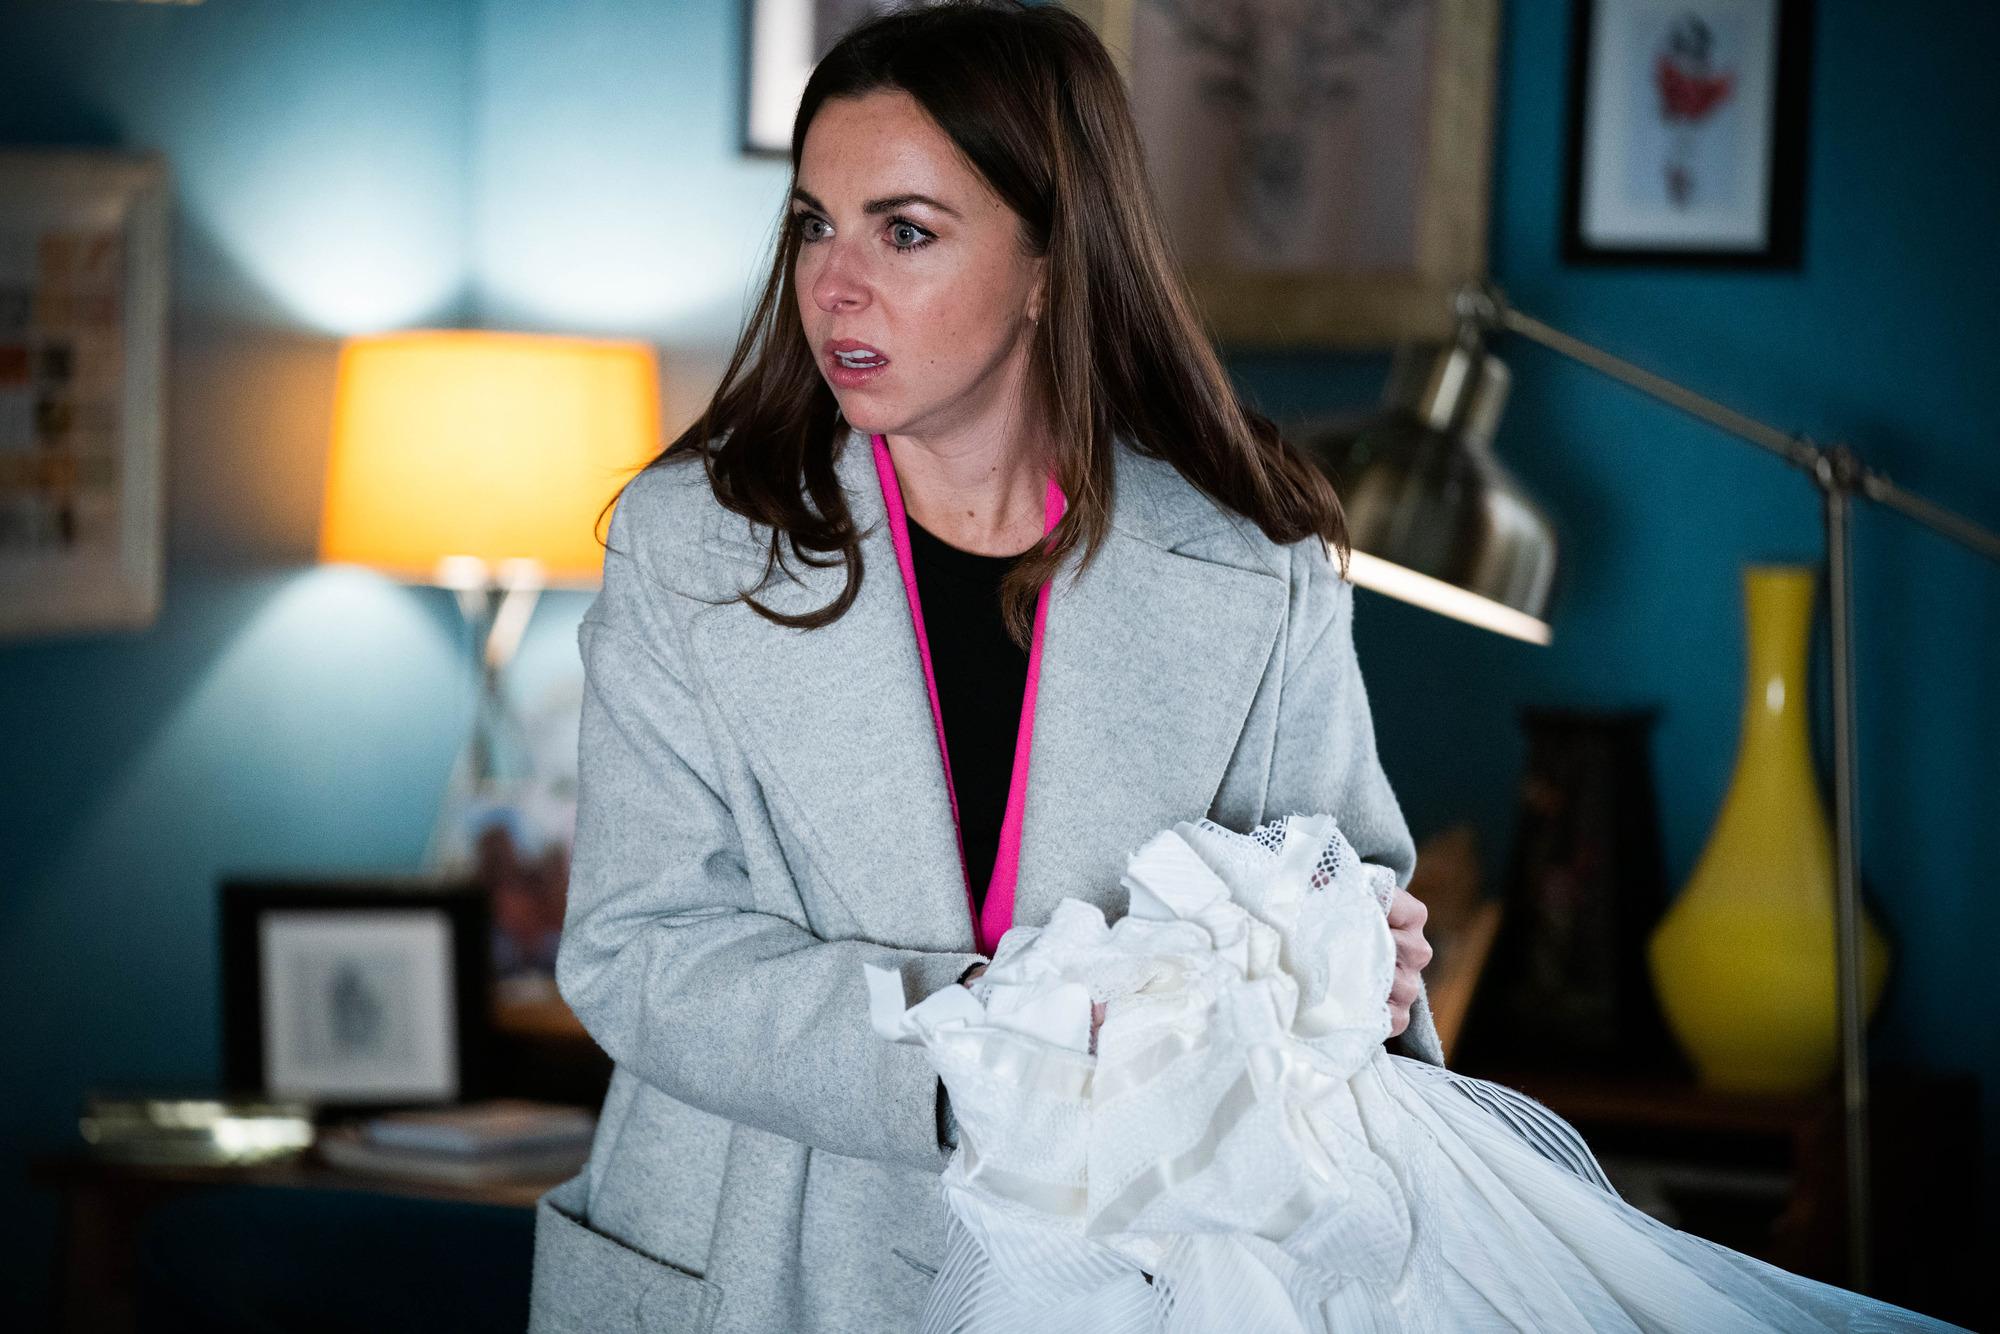 Ruby encuentra el vestido de novia de su madre cortado en EastEnders